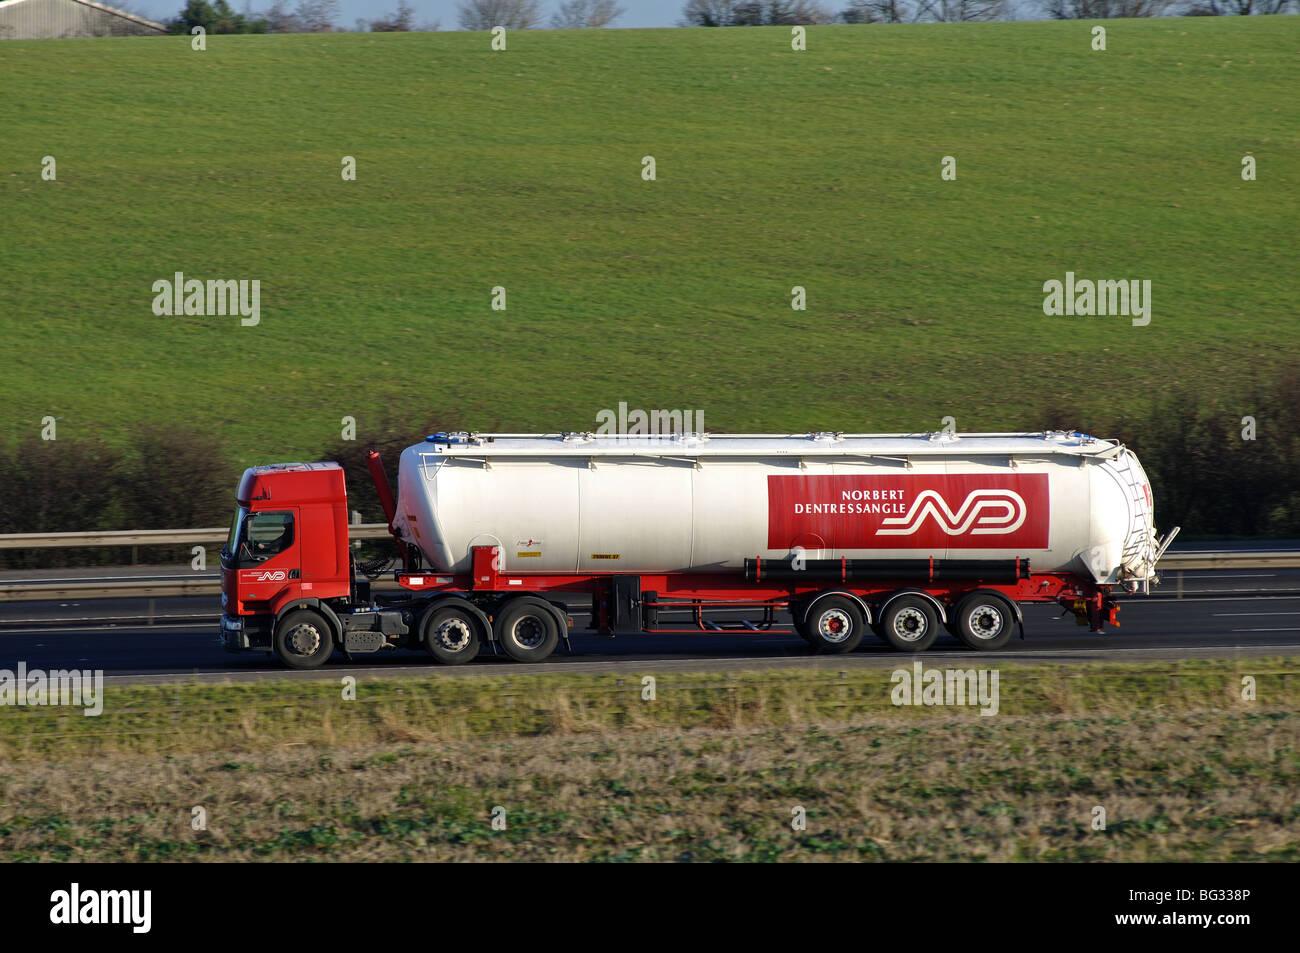 Norbert Dentressangle tanker lorry on M40 motorway, Warwickshire, UK Stock Photo